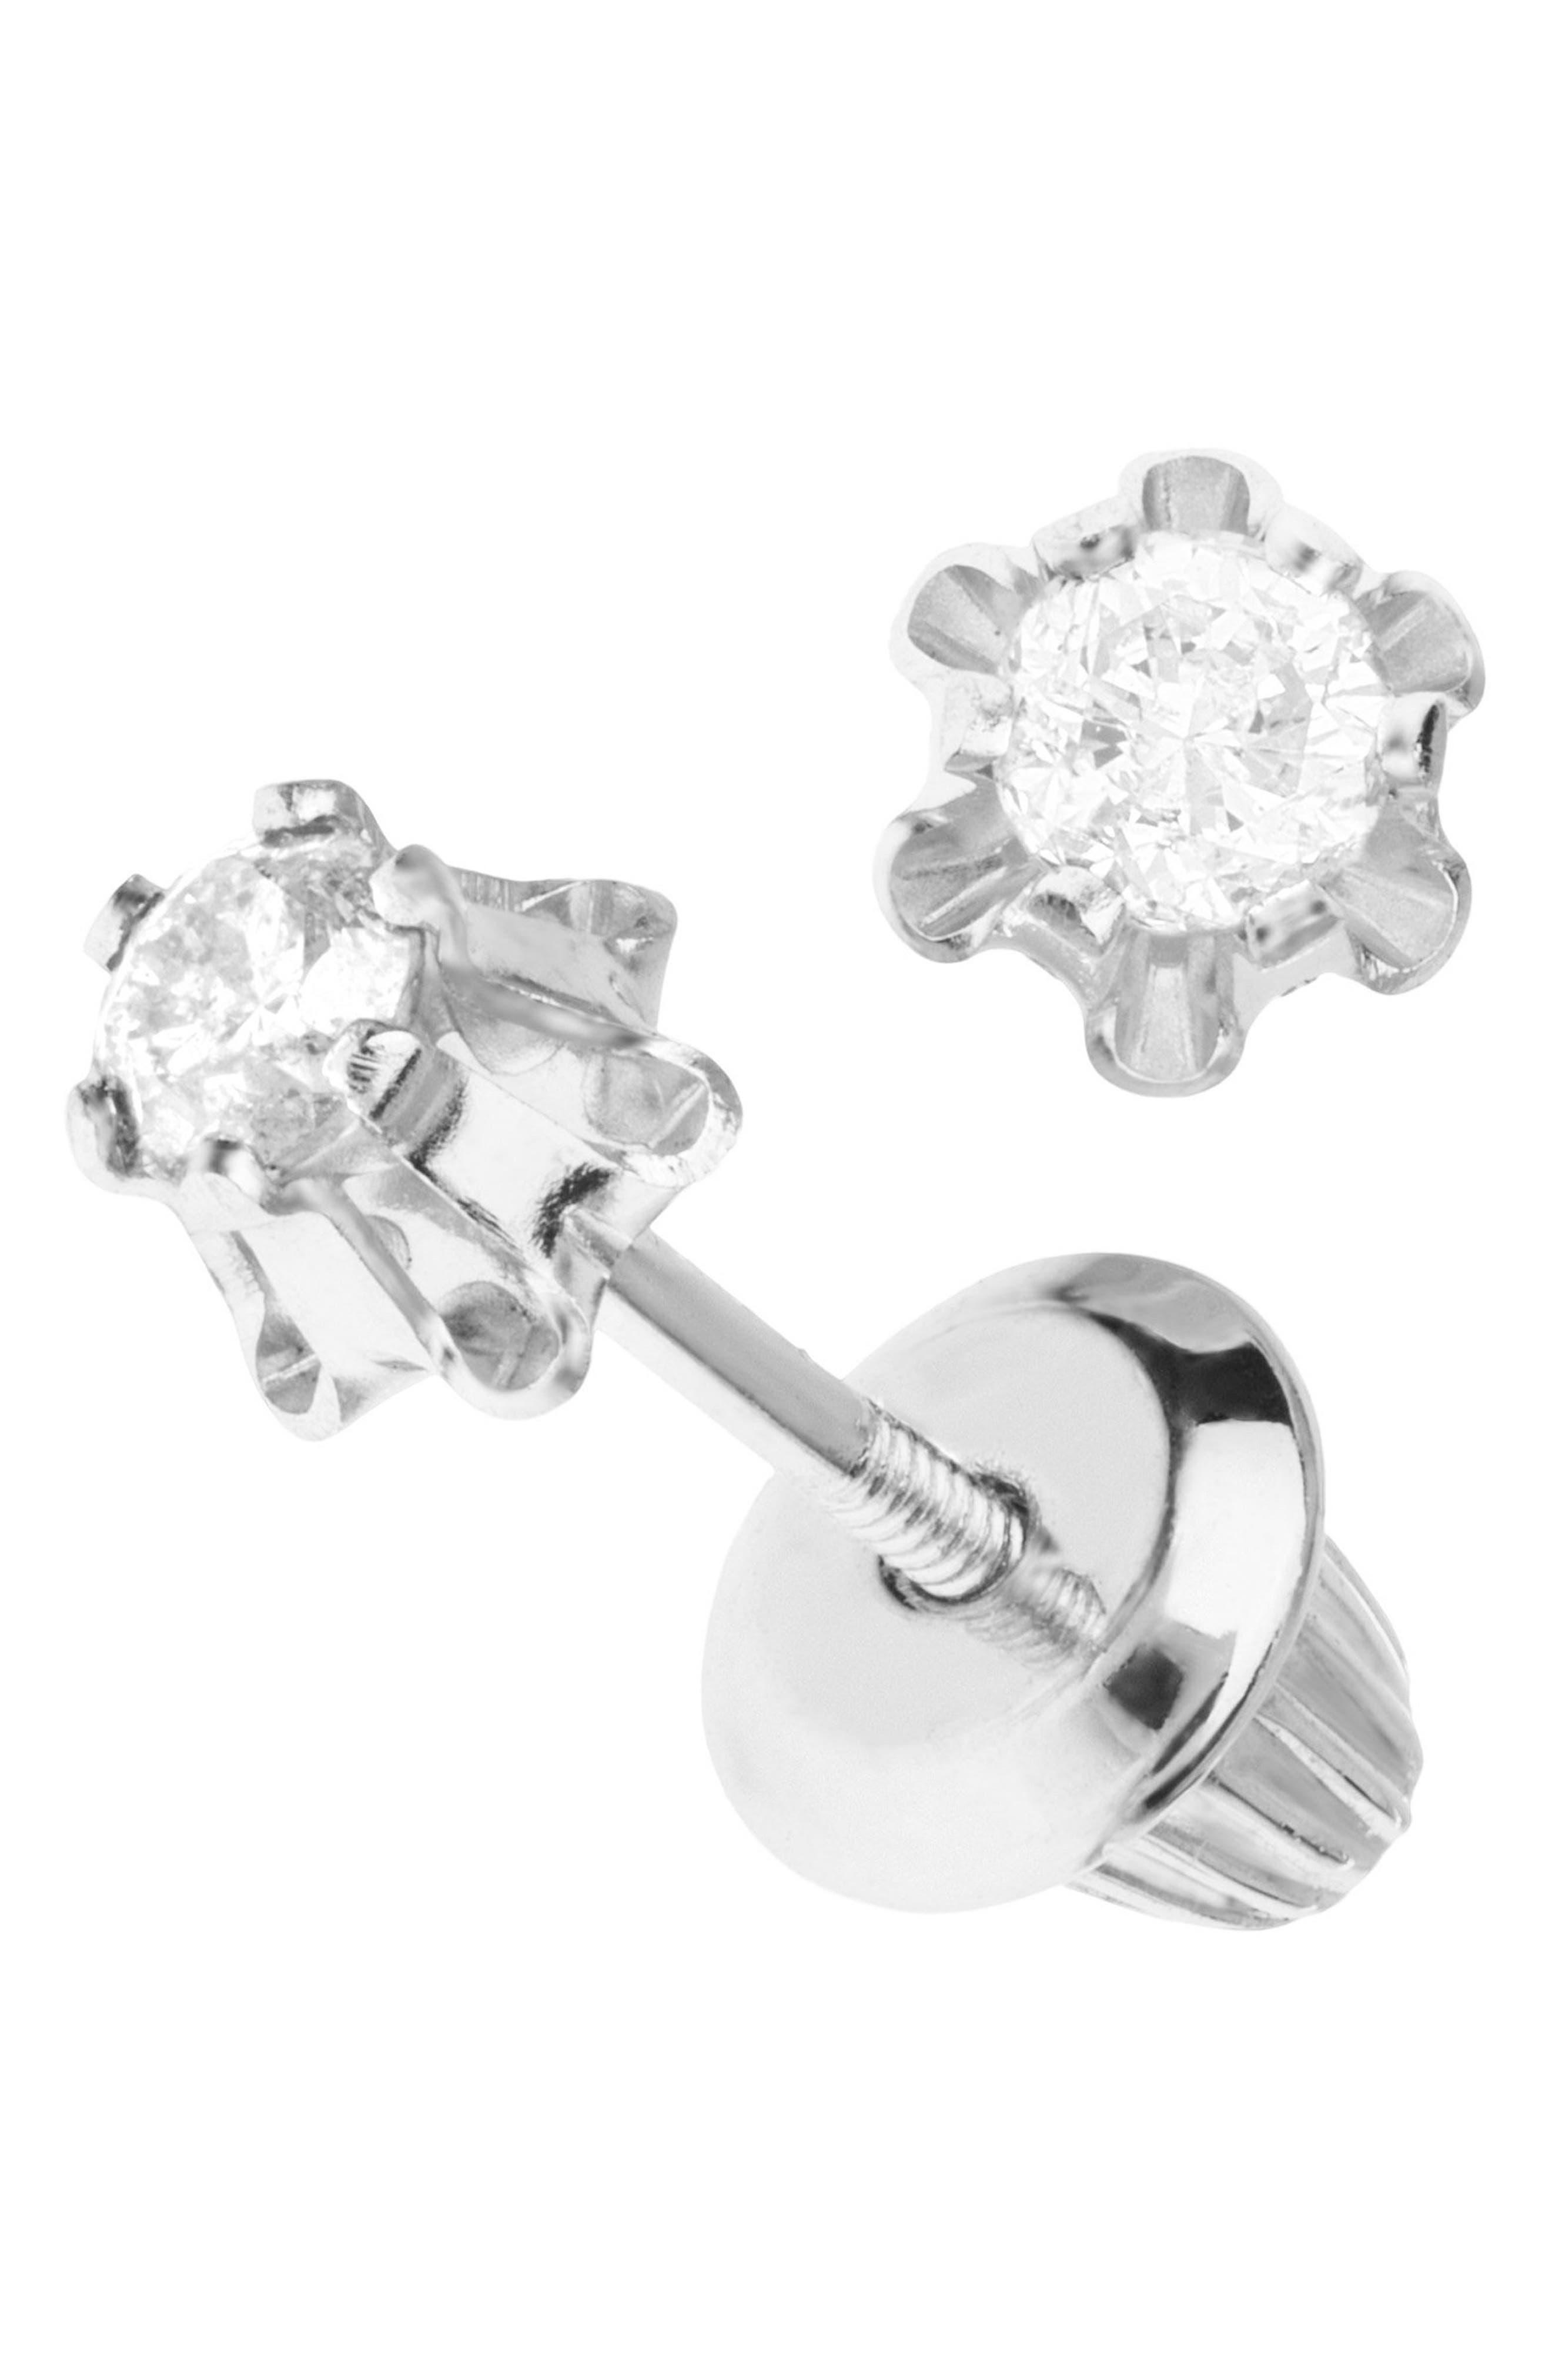 14k White Gold & Diamond Earrings,                             Alternate thumbnail 2, color,                             White